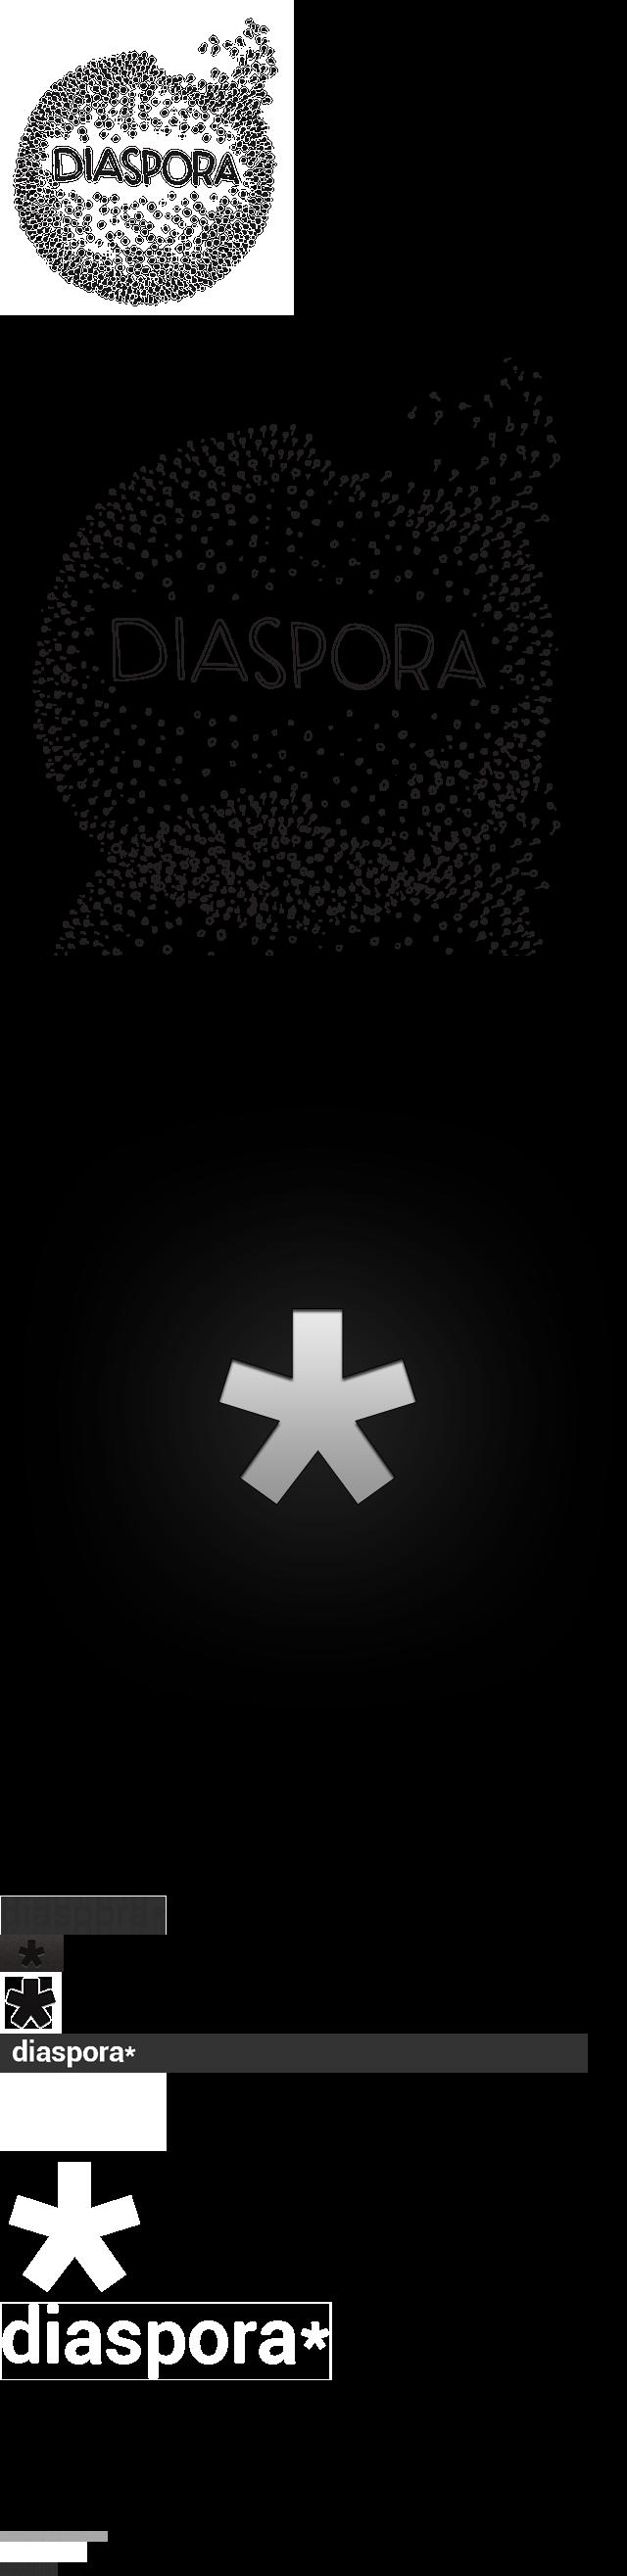 app/assets/images/branding-sae455d7993.png